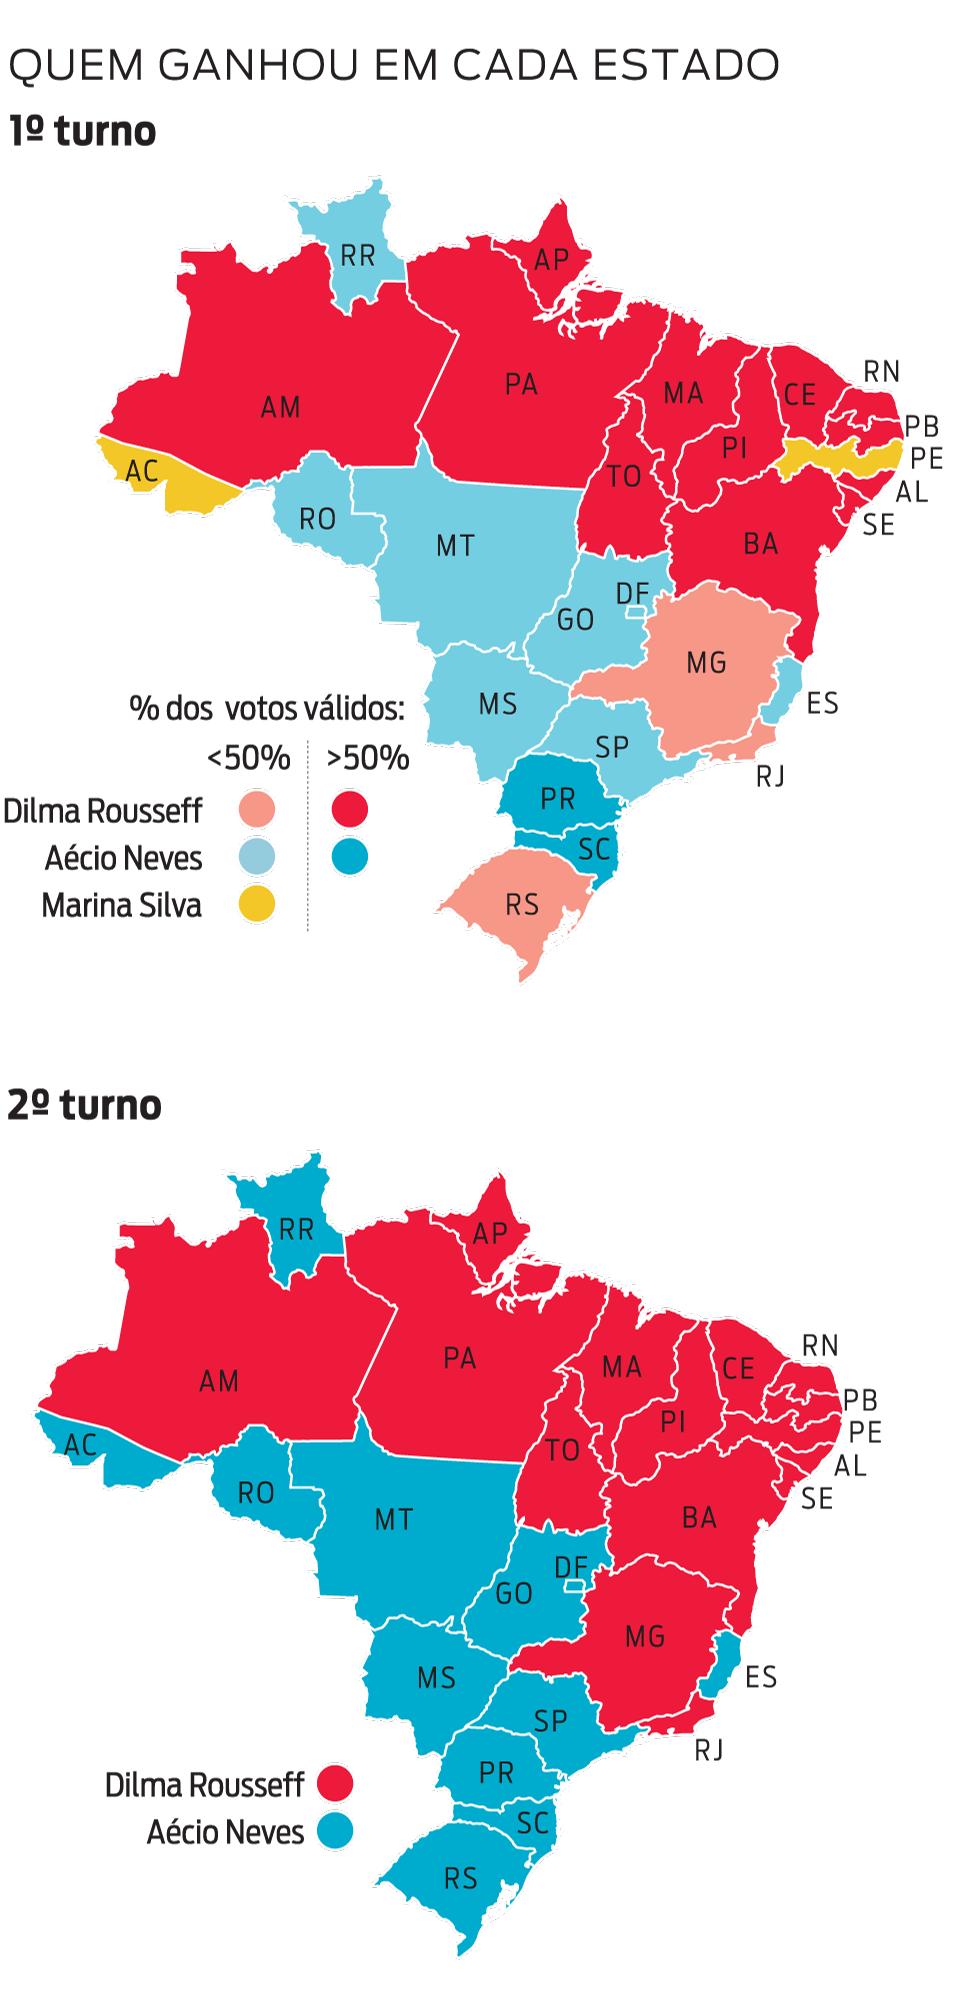 Infográfico: mapas por estado do resultado das eleições presidenciais no 2º turno em 2014